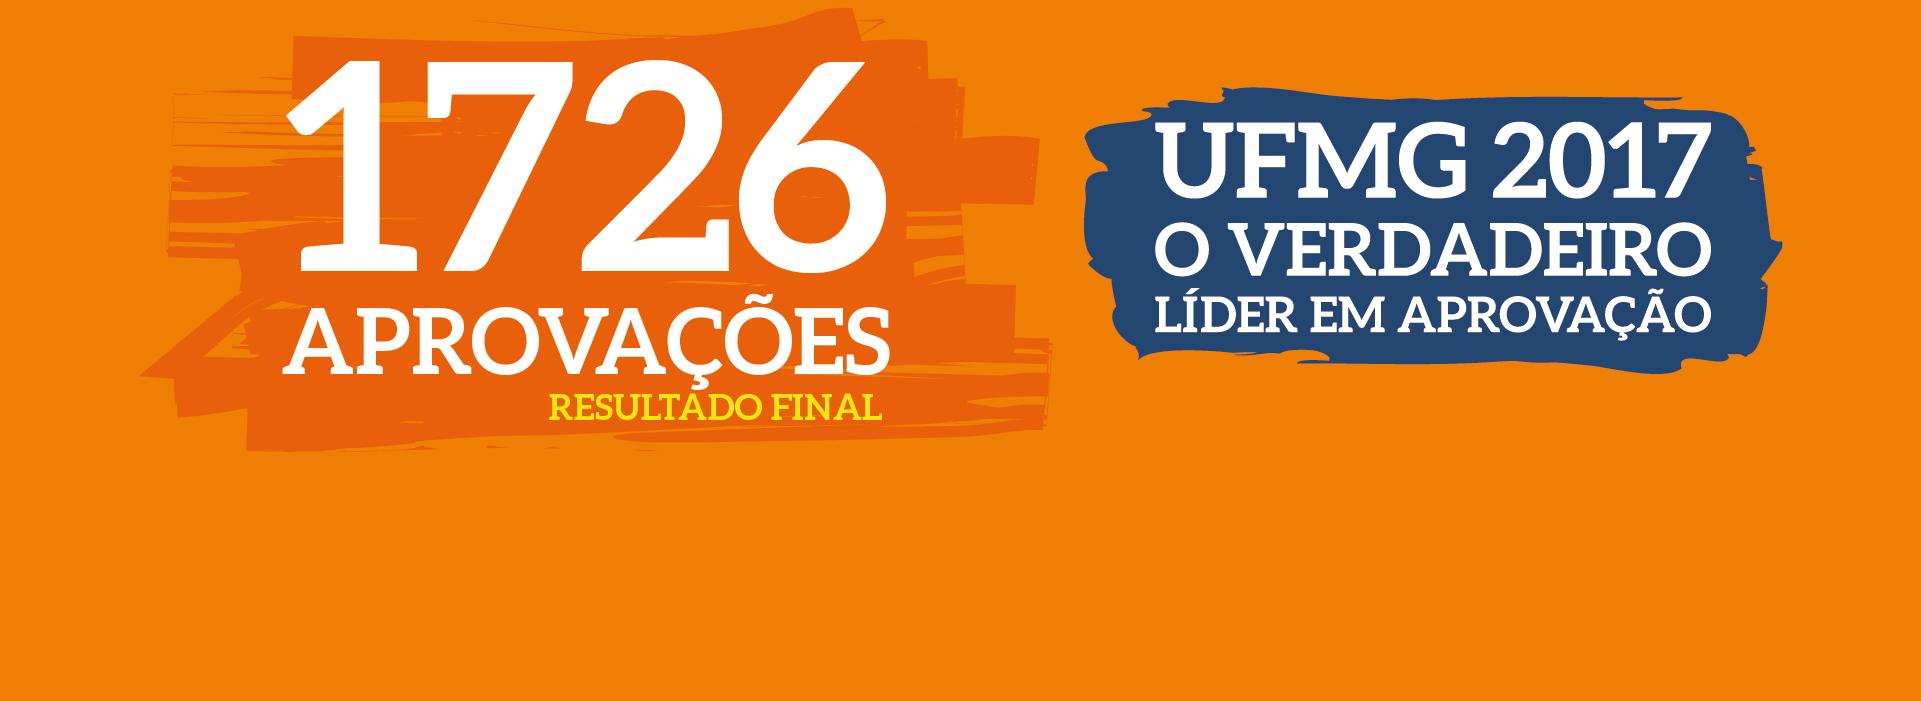 26-01-18 - Lista de Aprovados UFMG 2017-01